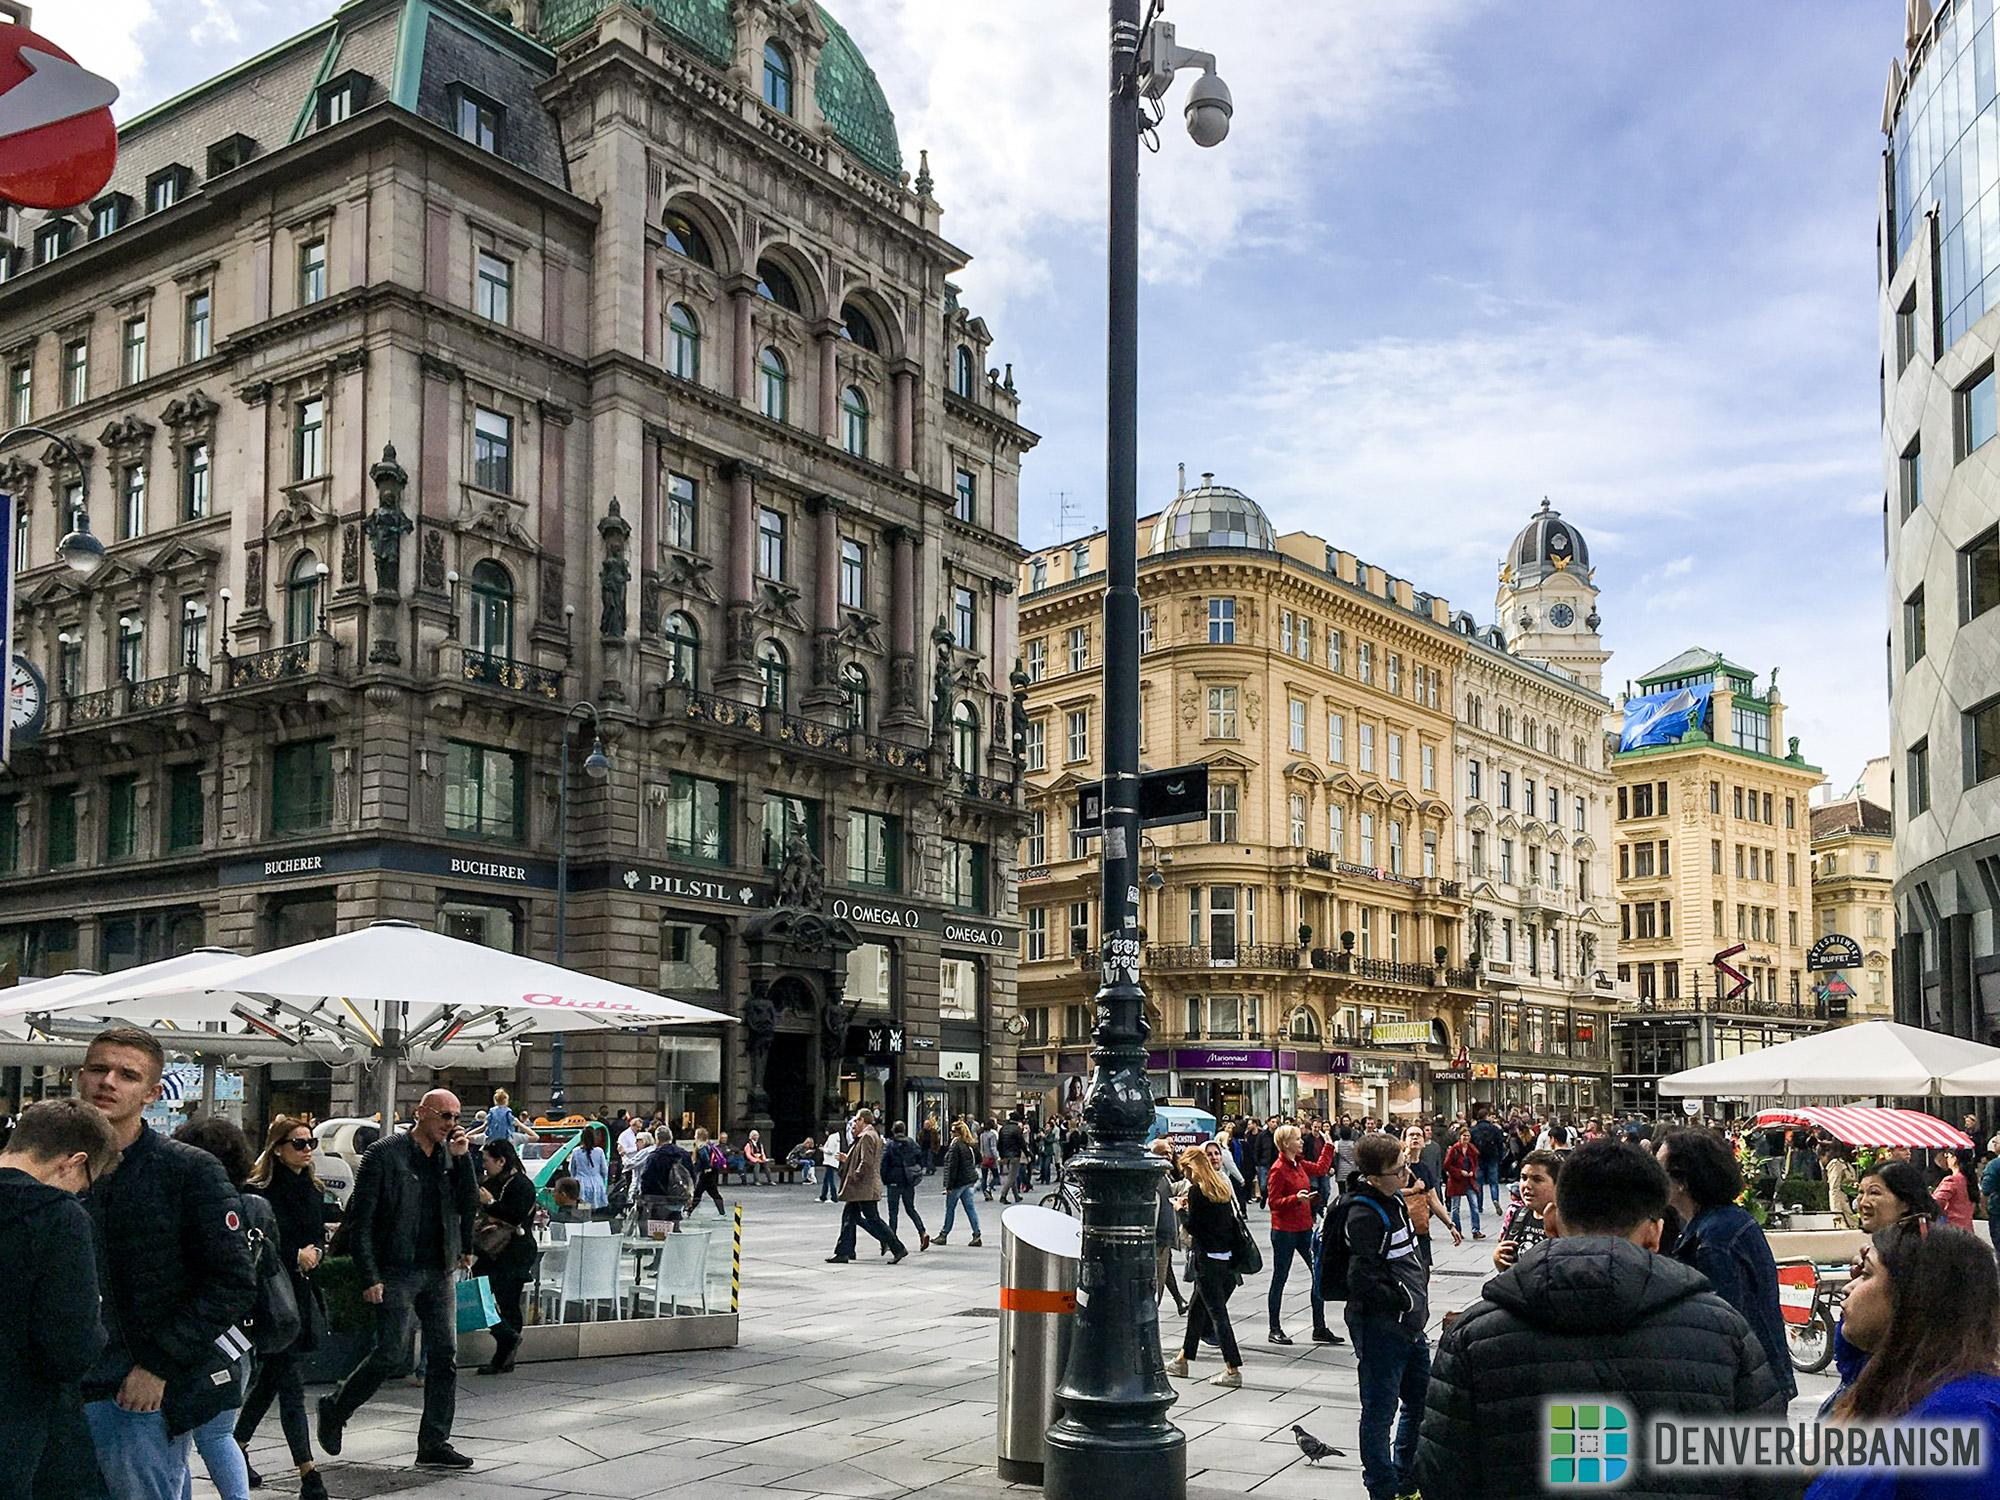 Pedestrian-prioritized streets in Vienna, Austria